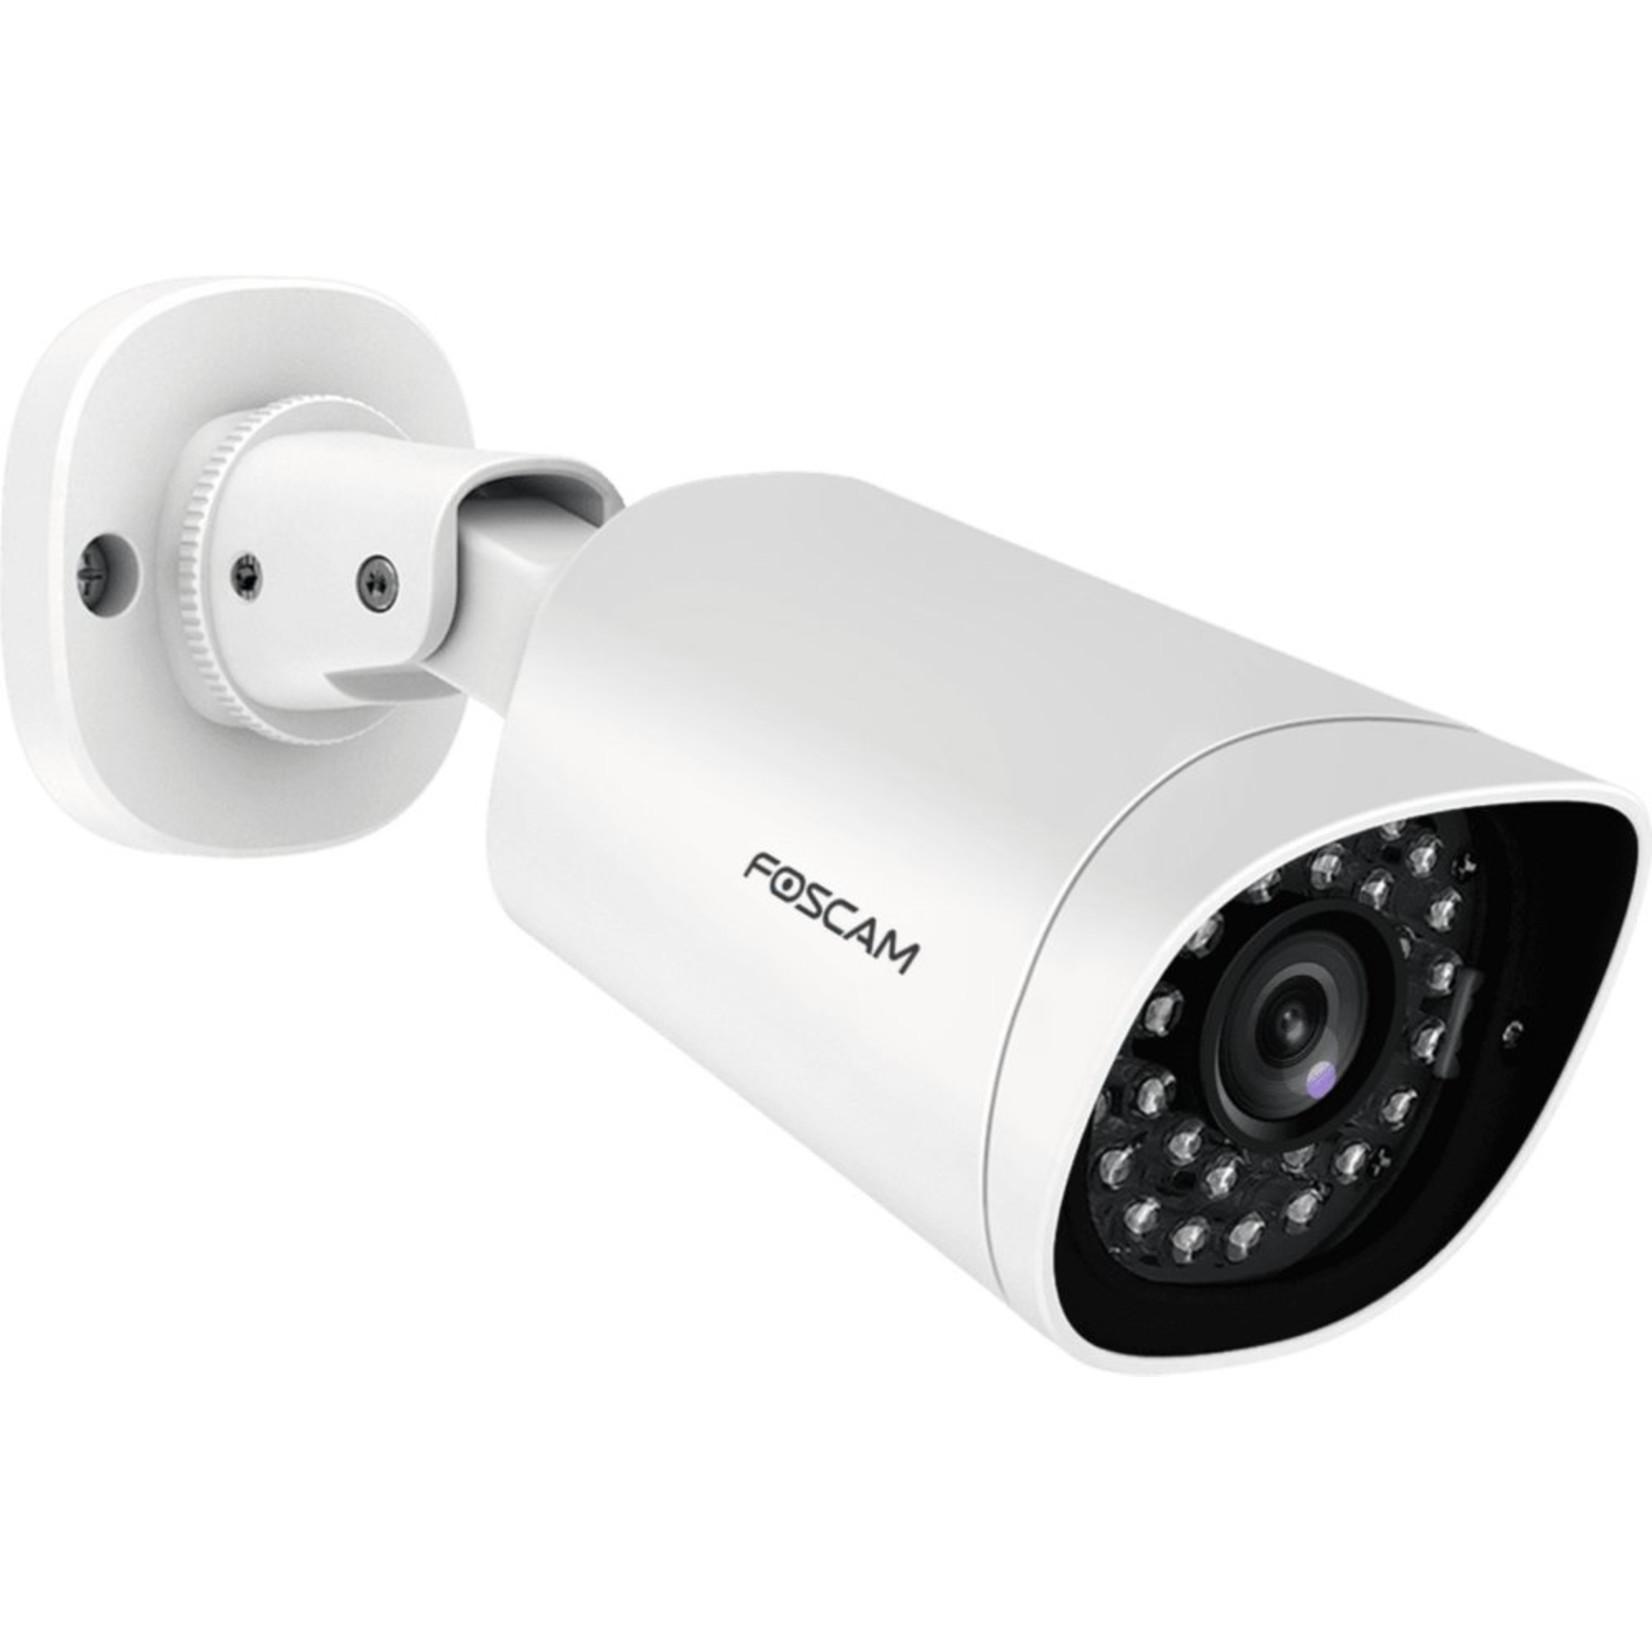 Foscam 4MP outdoor PoE IP camera